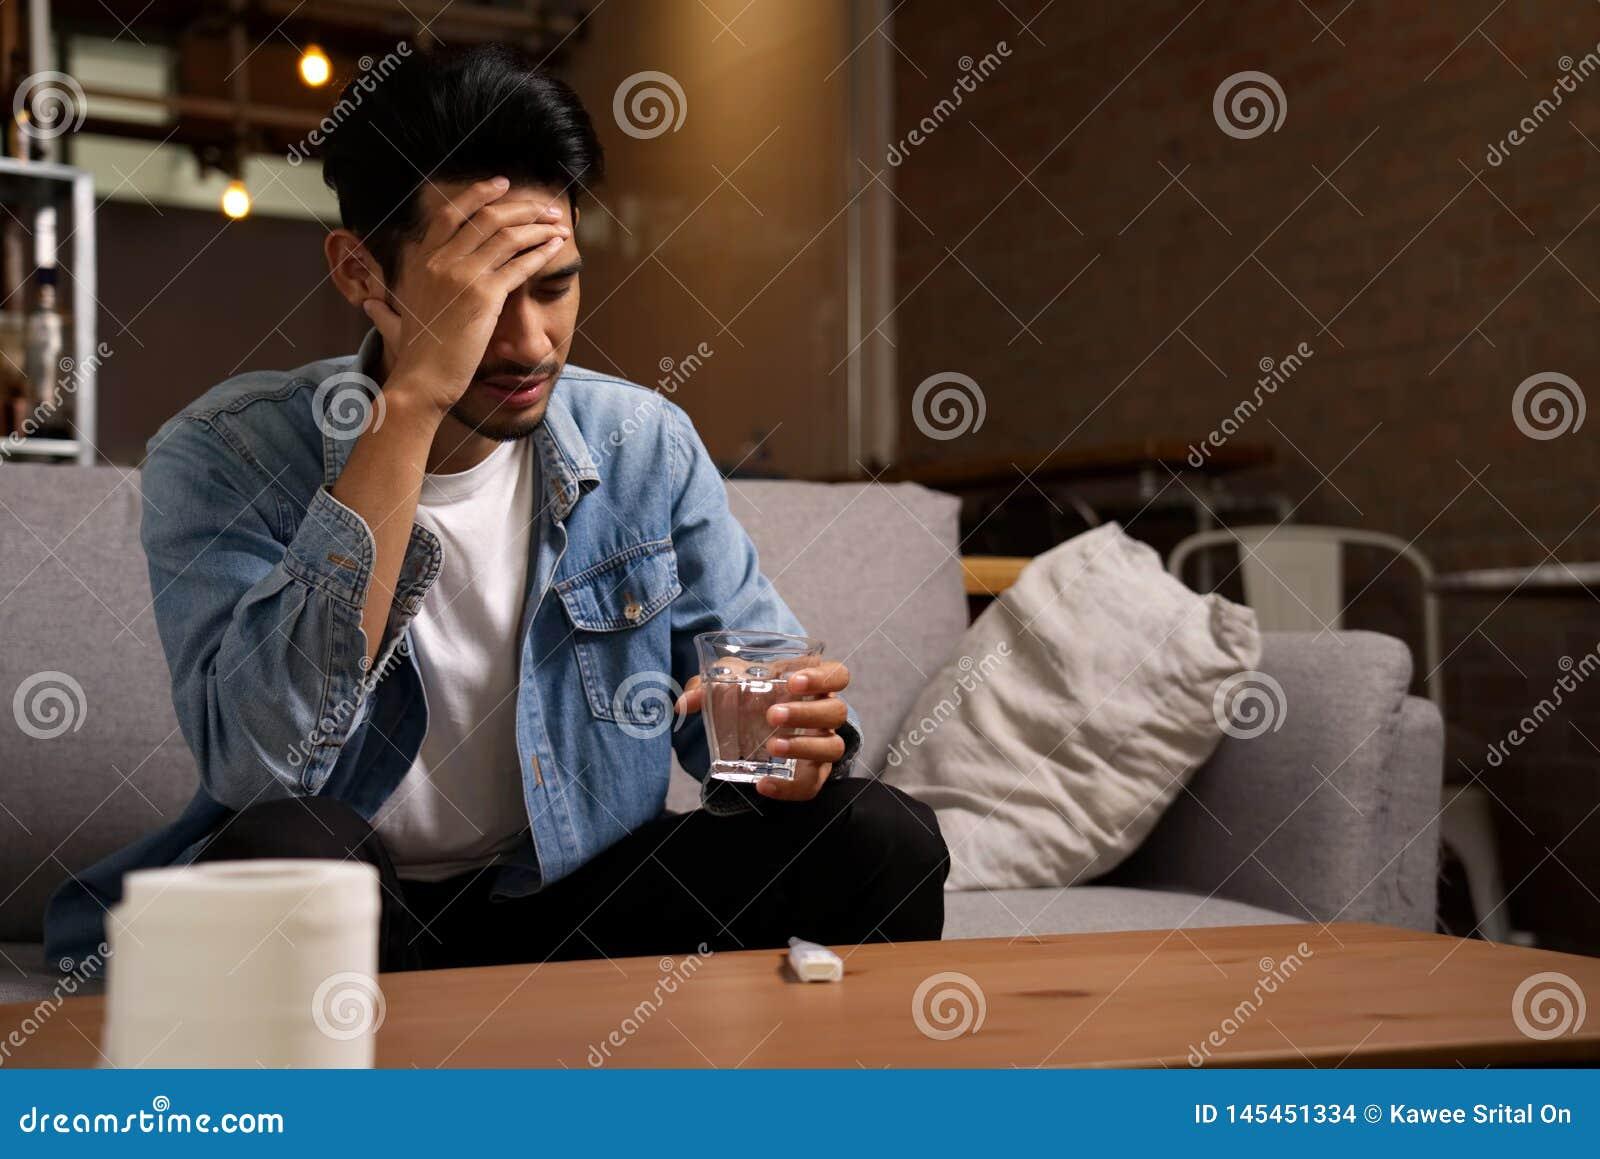 Sjukdom och sjukligt villkorbegrepp Huvudvärkman som sitter på soffan